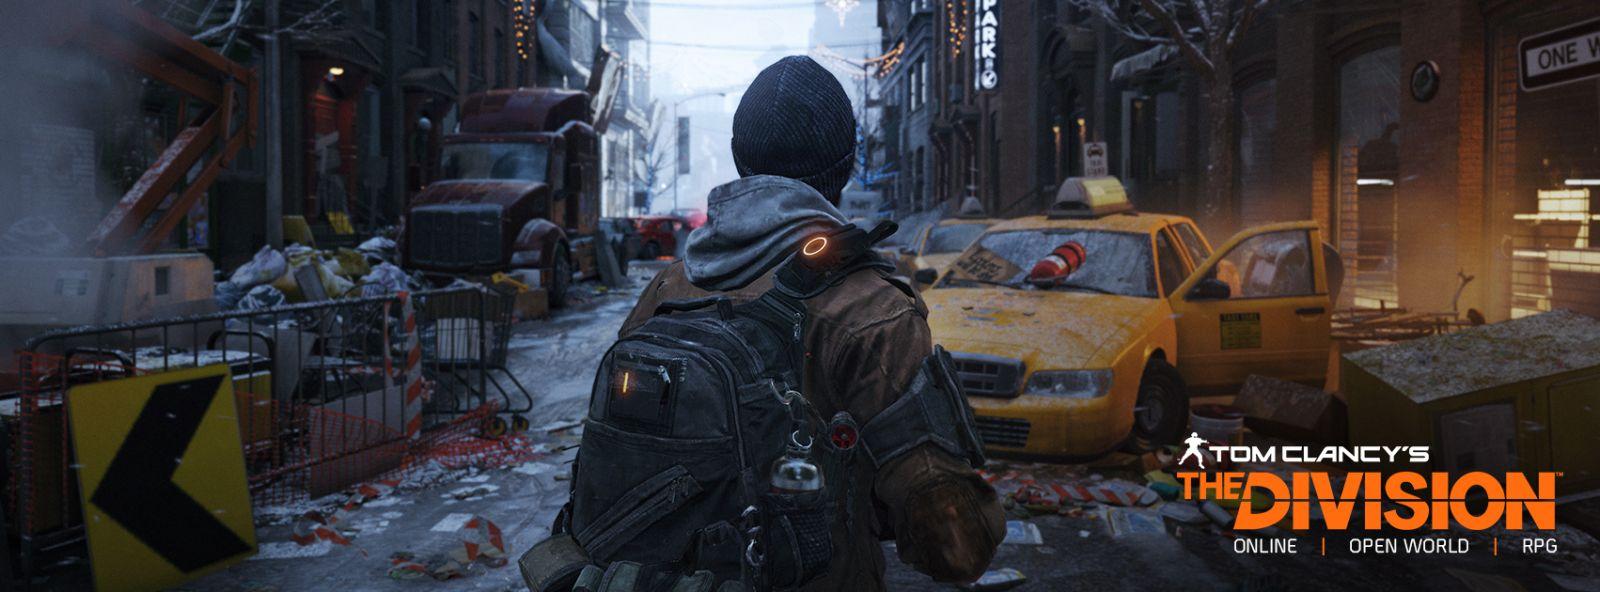 JÁTÉKOK - Dataminerek kiderítették hány küldetést tartalmazhat a játék